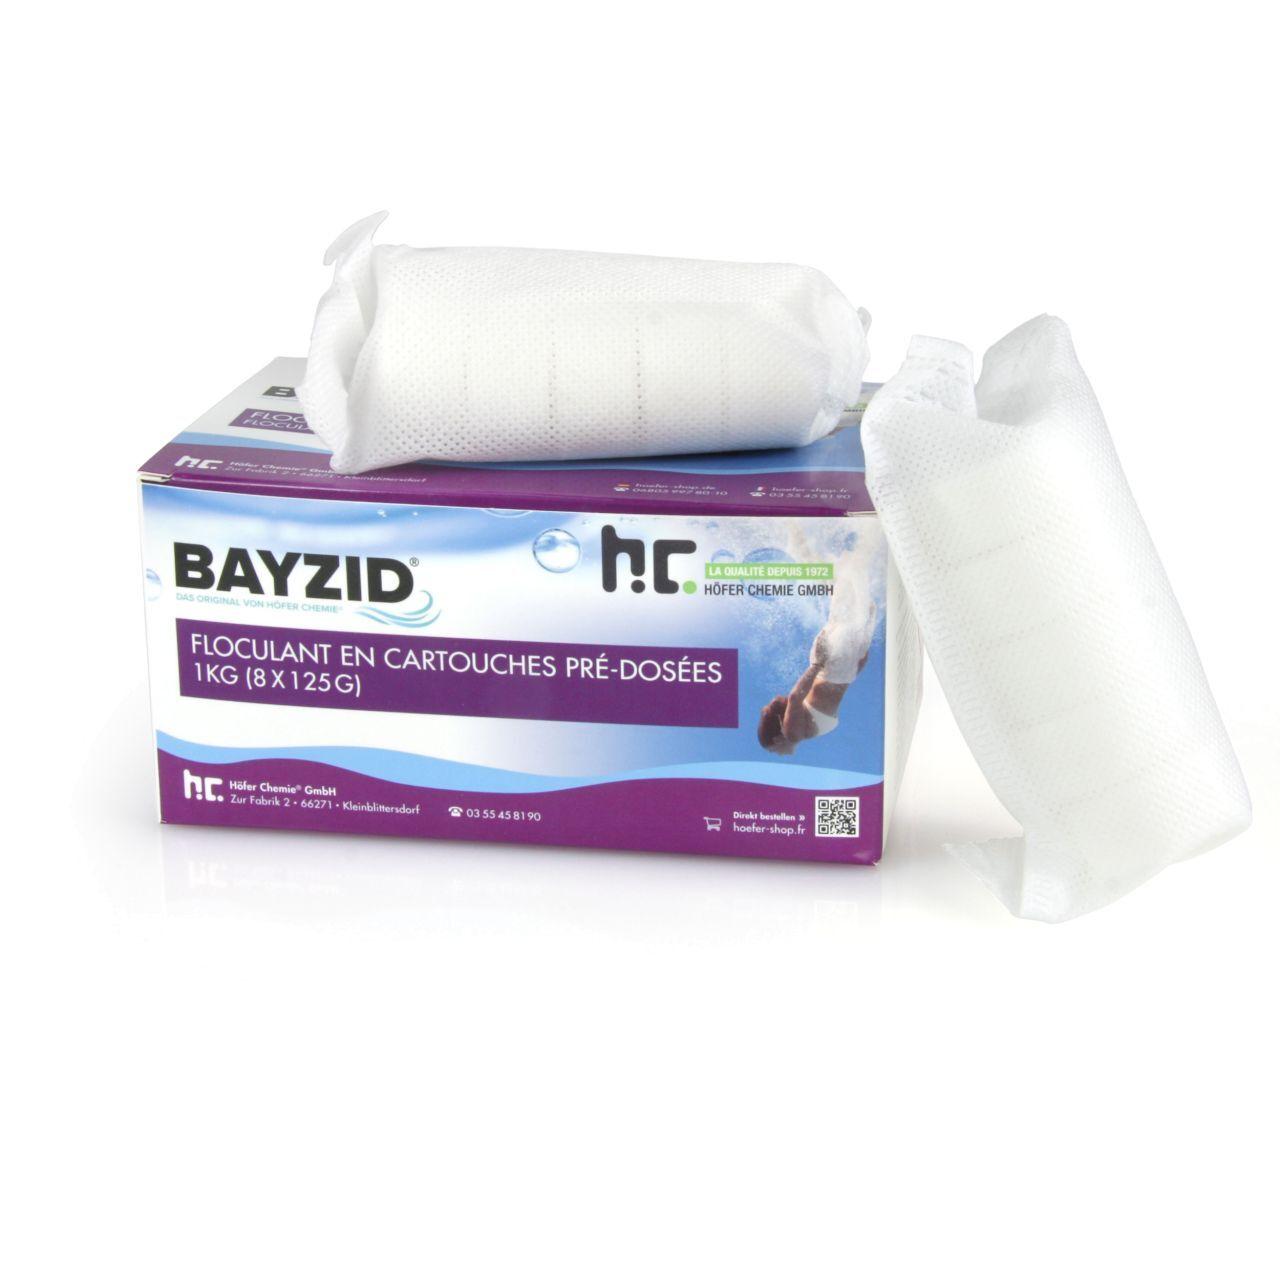 BAYZID 8 kg BAYZID® Cartouches de floculant pré-dosées (8x 125g) (8 x 1 kg)